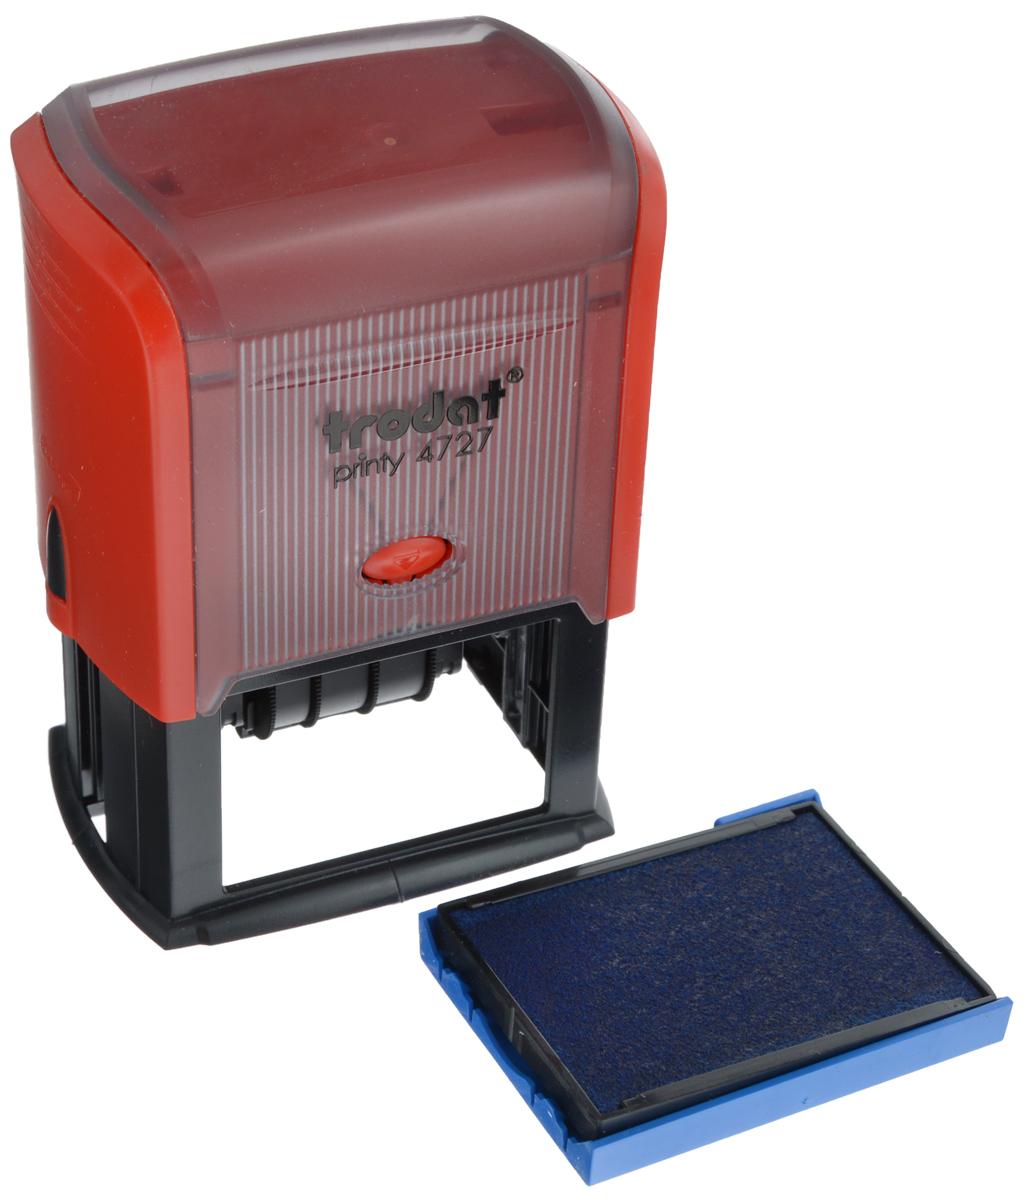 Trodat Датер со свободным полем 60 х 40 мм4727Датер Trodat имеет прочный пластиковый корпус с автоматическим окрашиванием. Дата находится в центре, вокруг даты свободное поле под изготовление клише. Подходит для работы в бухгалтерии, на складе, в банке. Размер свободного поля - 60 мм х 40 мм. В комплект входит сменная подушка, цвет синий.